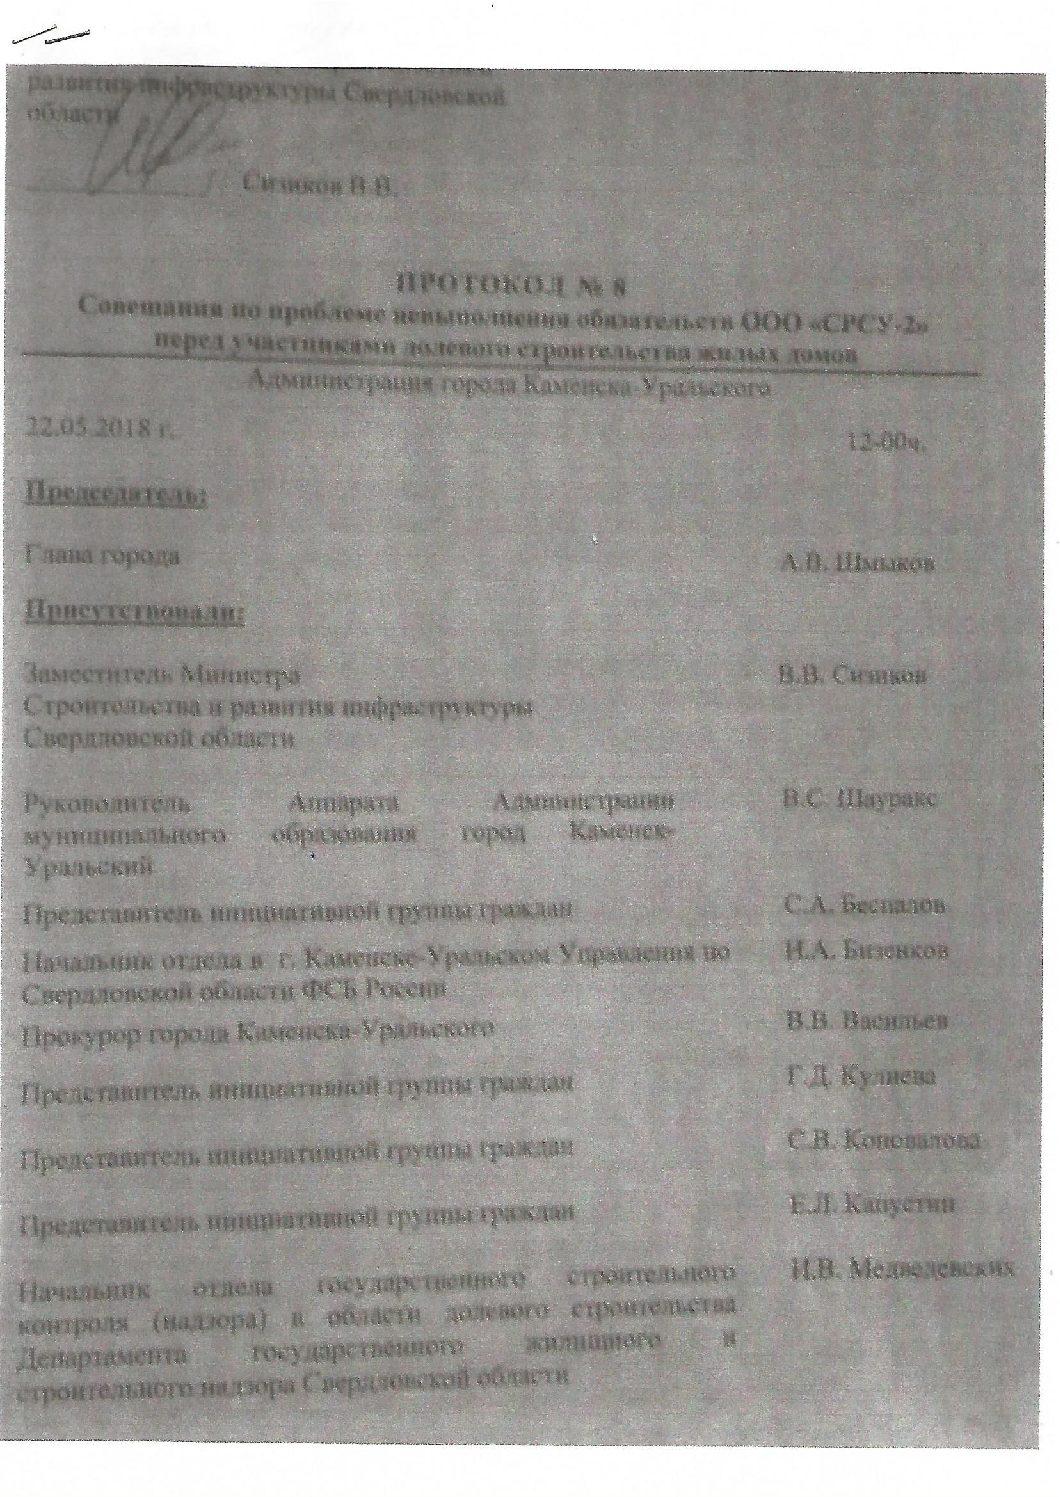 Совещание в Администрации города по проблеме не выполнения обязательств СРСУ2